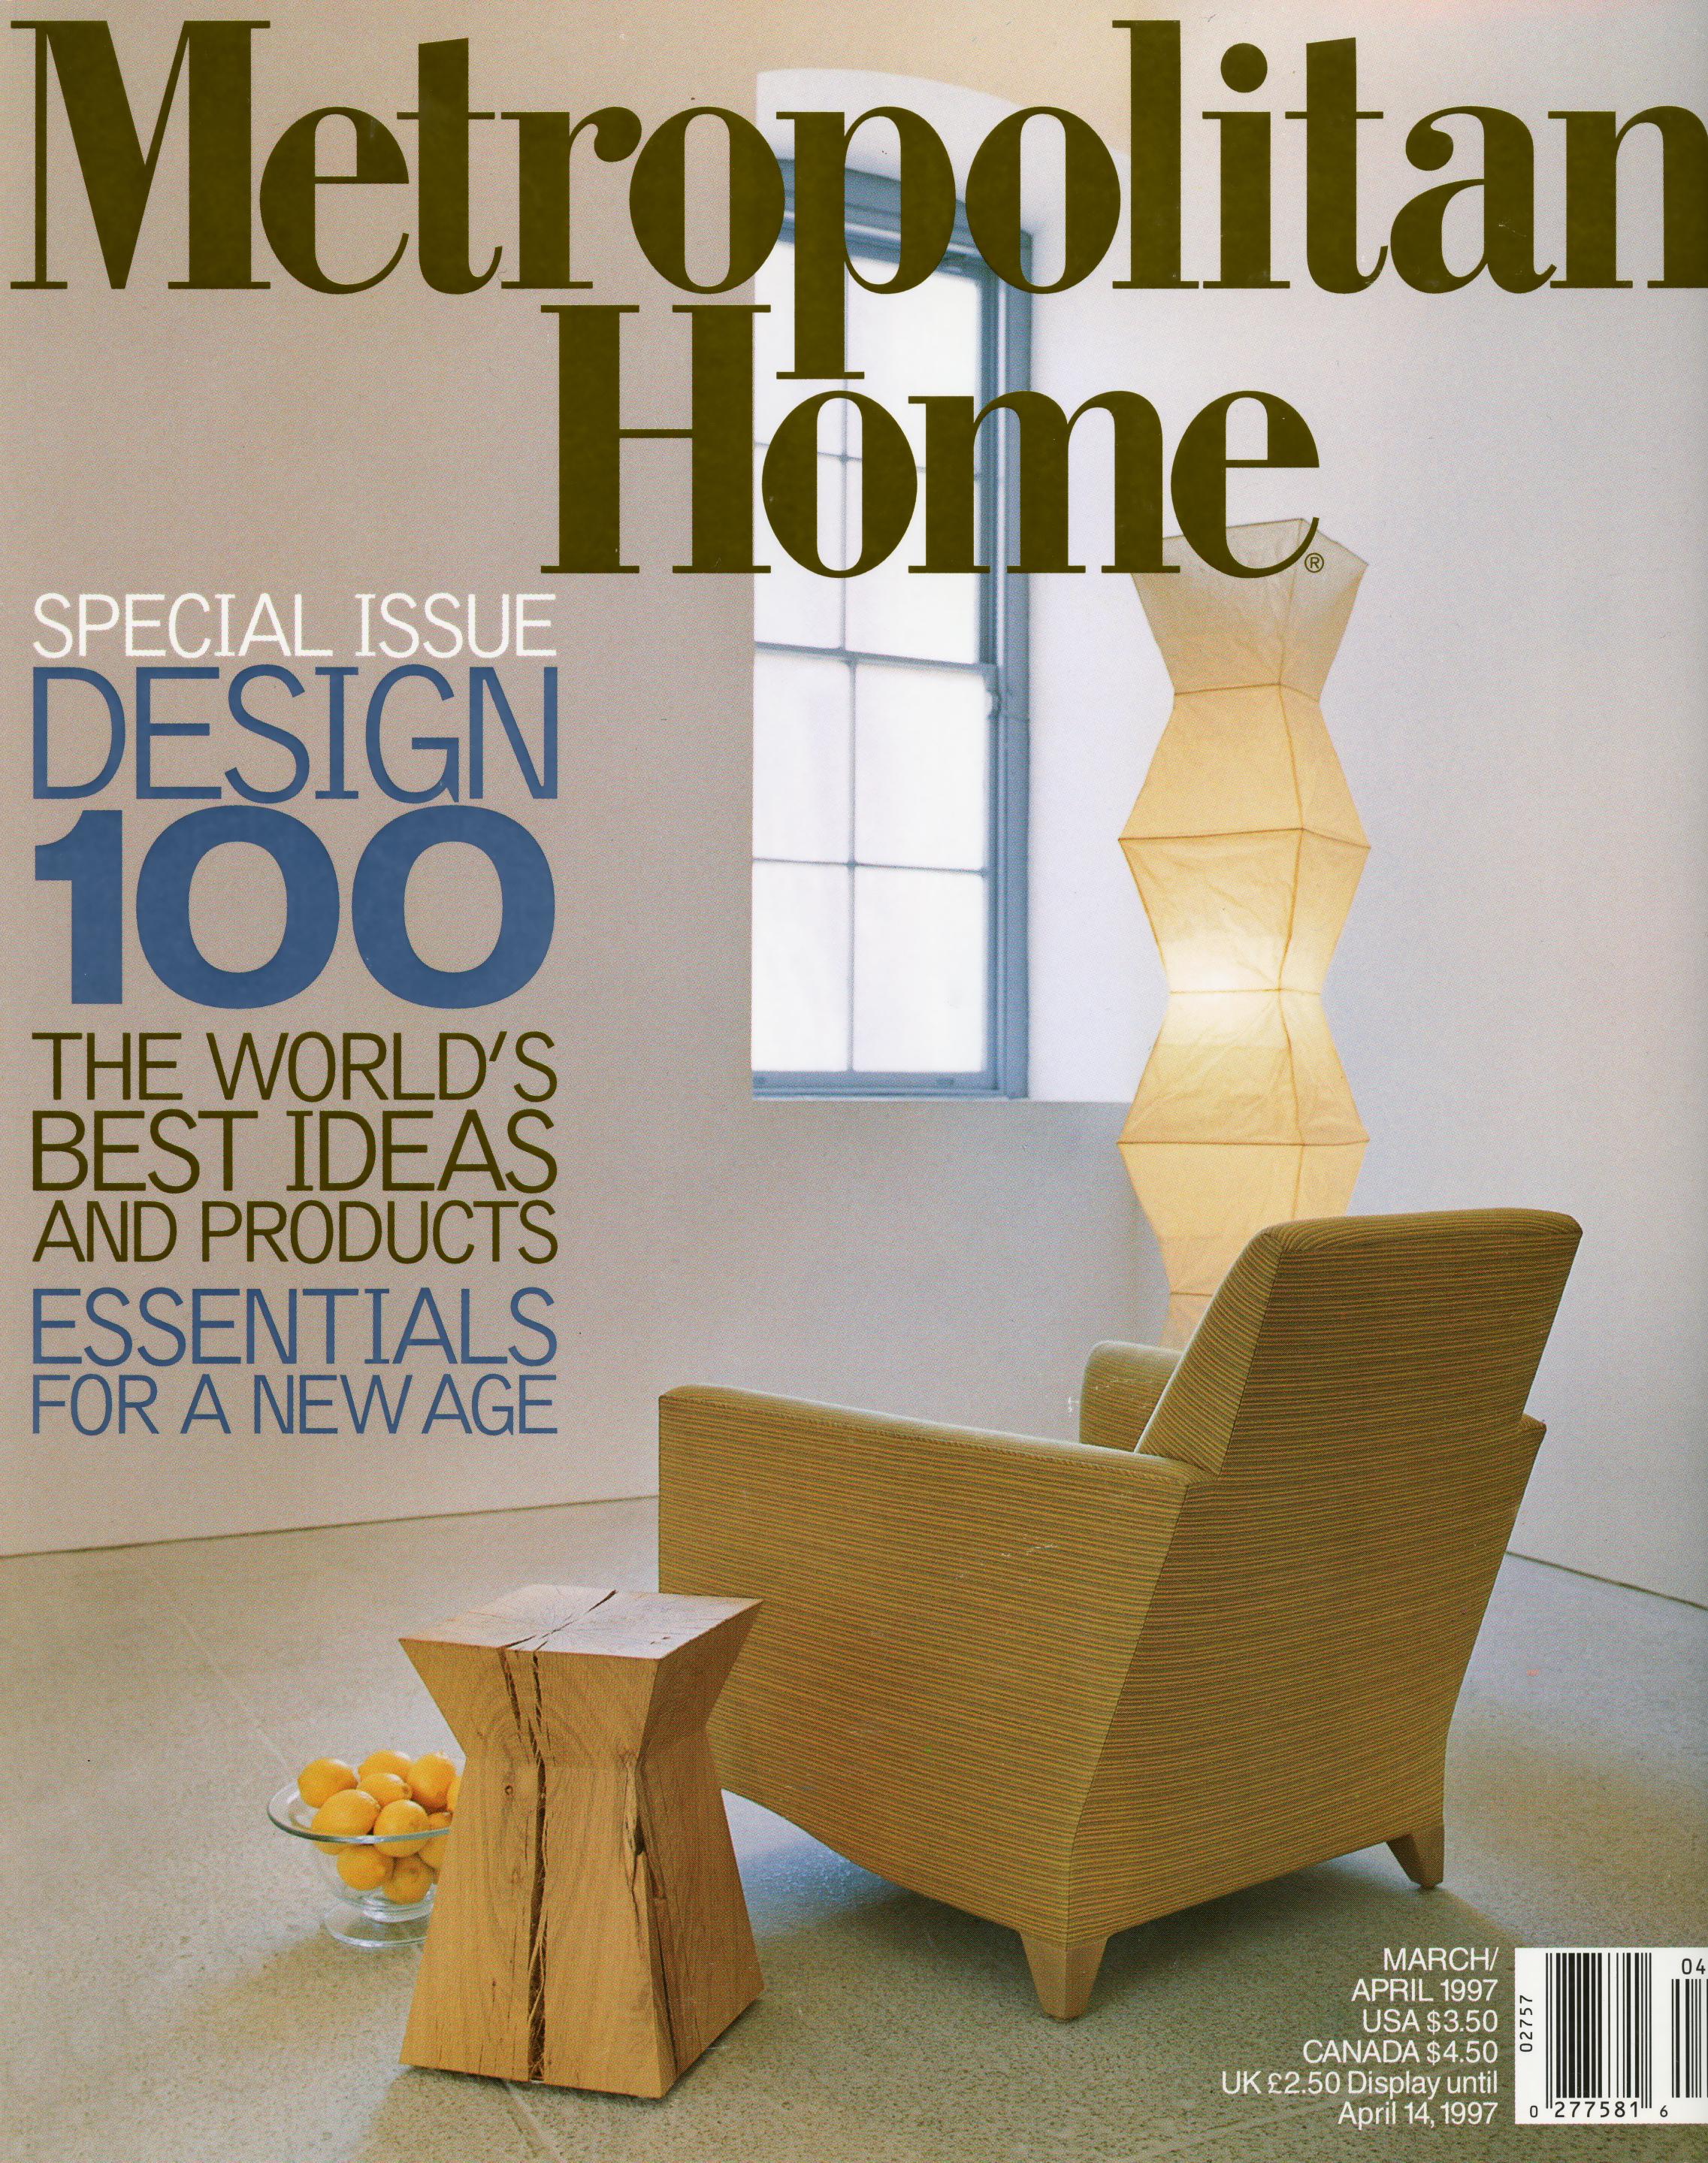 Metropolitan Home 1997 1.JPG